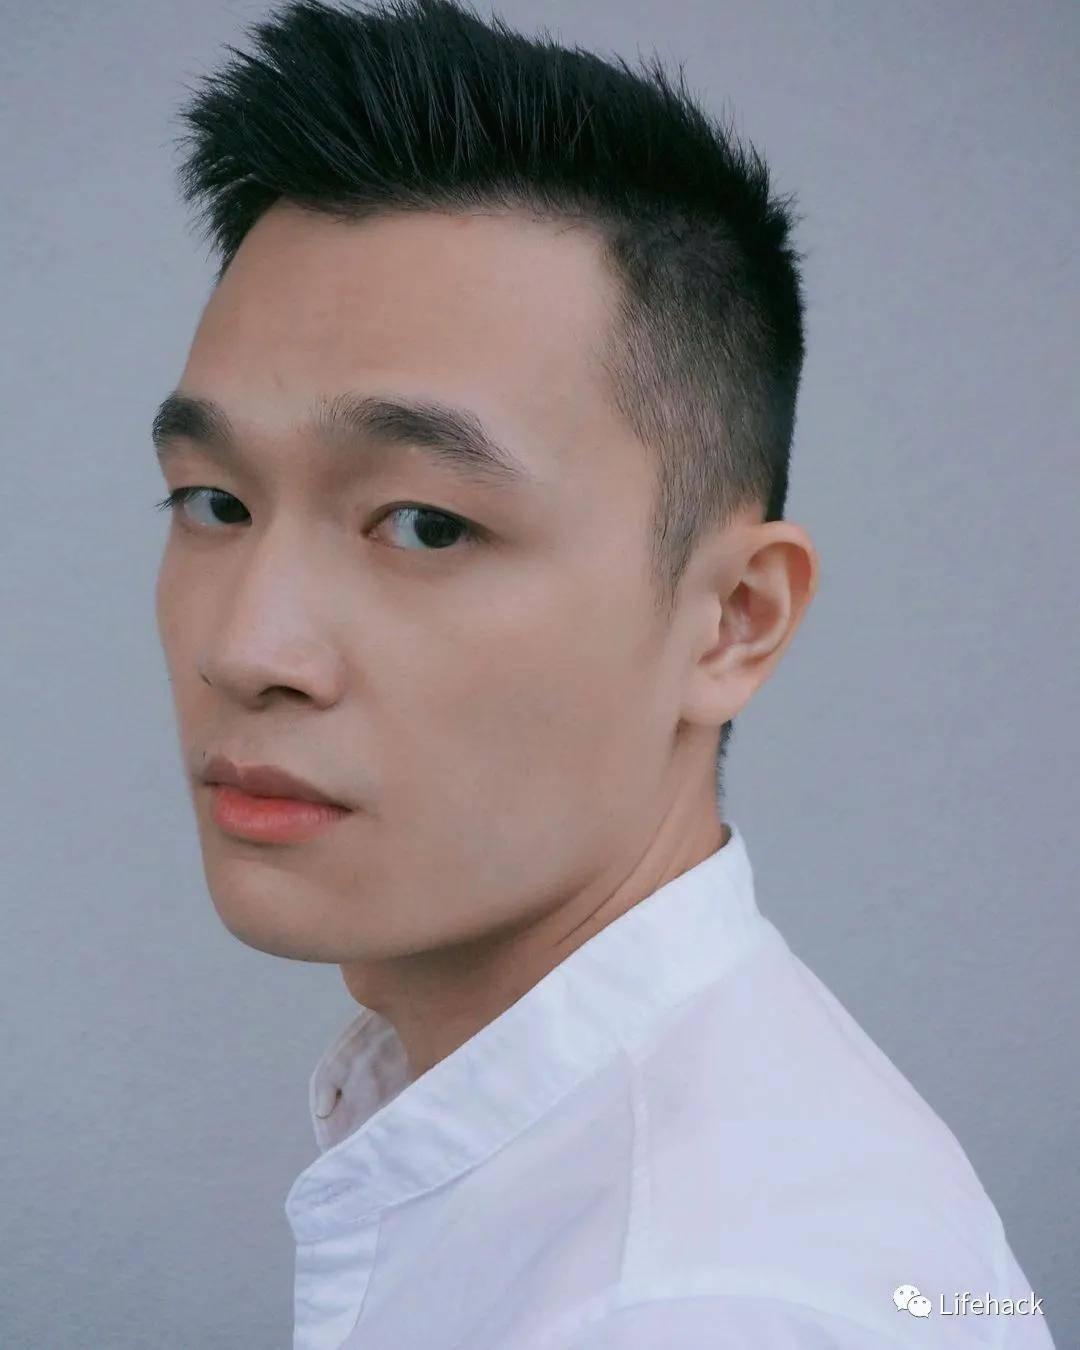 2021夏季亚洲男士发型流行趋势,太帅了